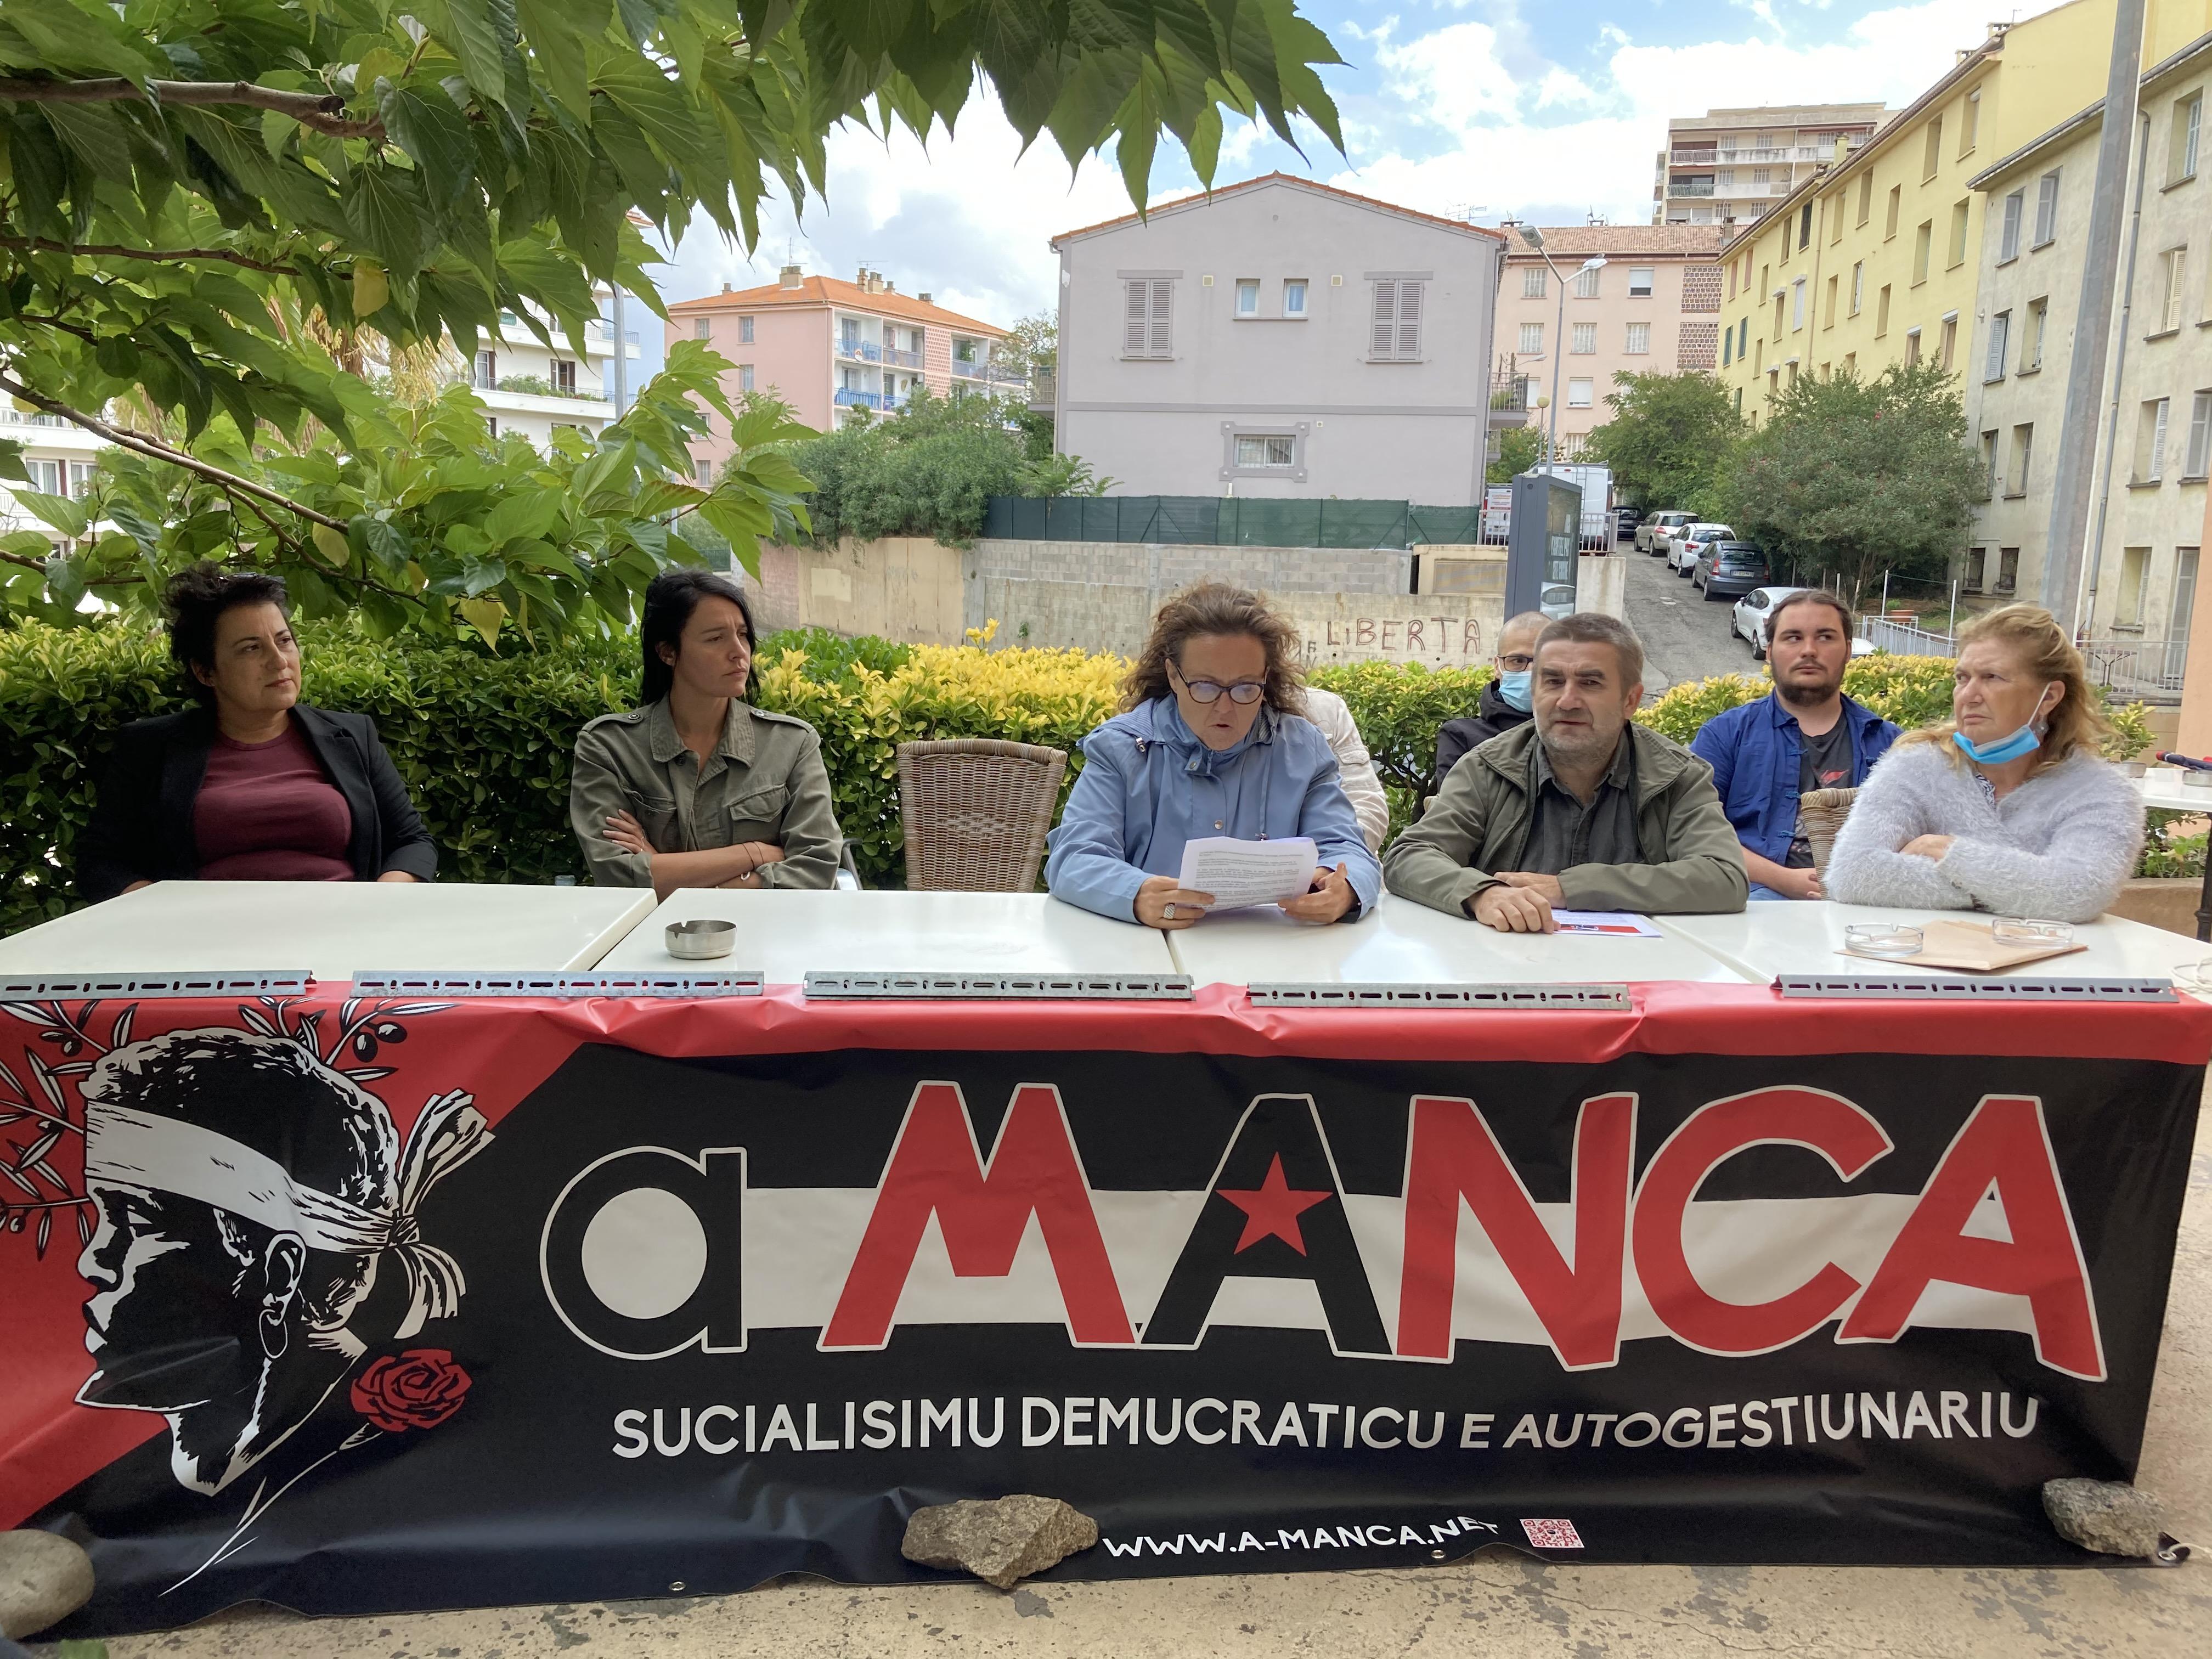 En septembre dernier, A Manca annonçait sa candidature aux élections territoriales. (Photo Julia Sereni)